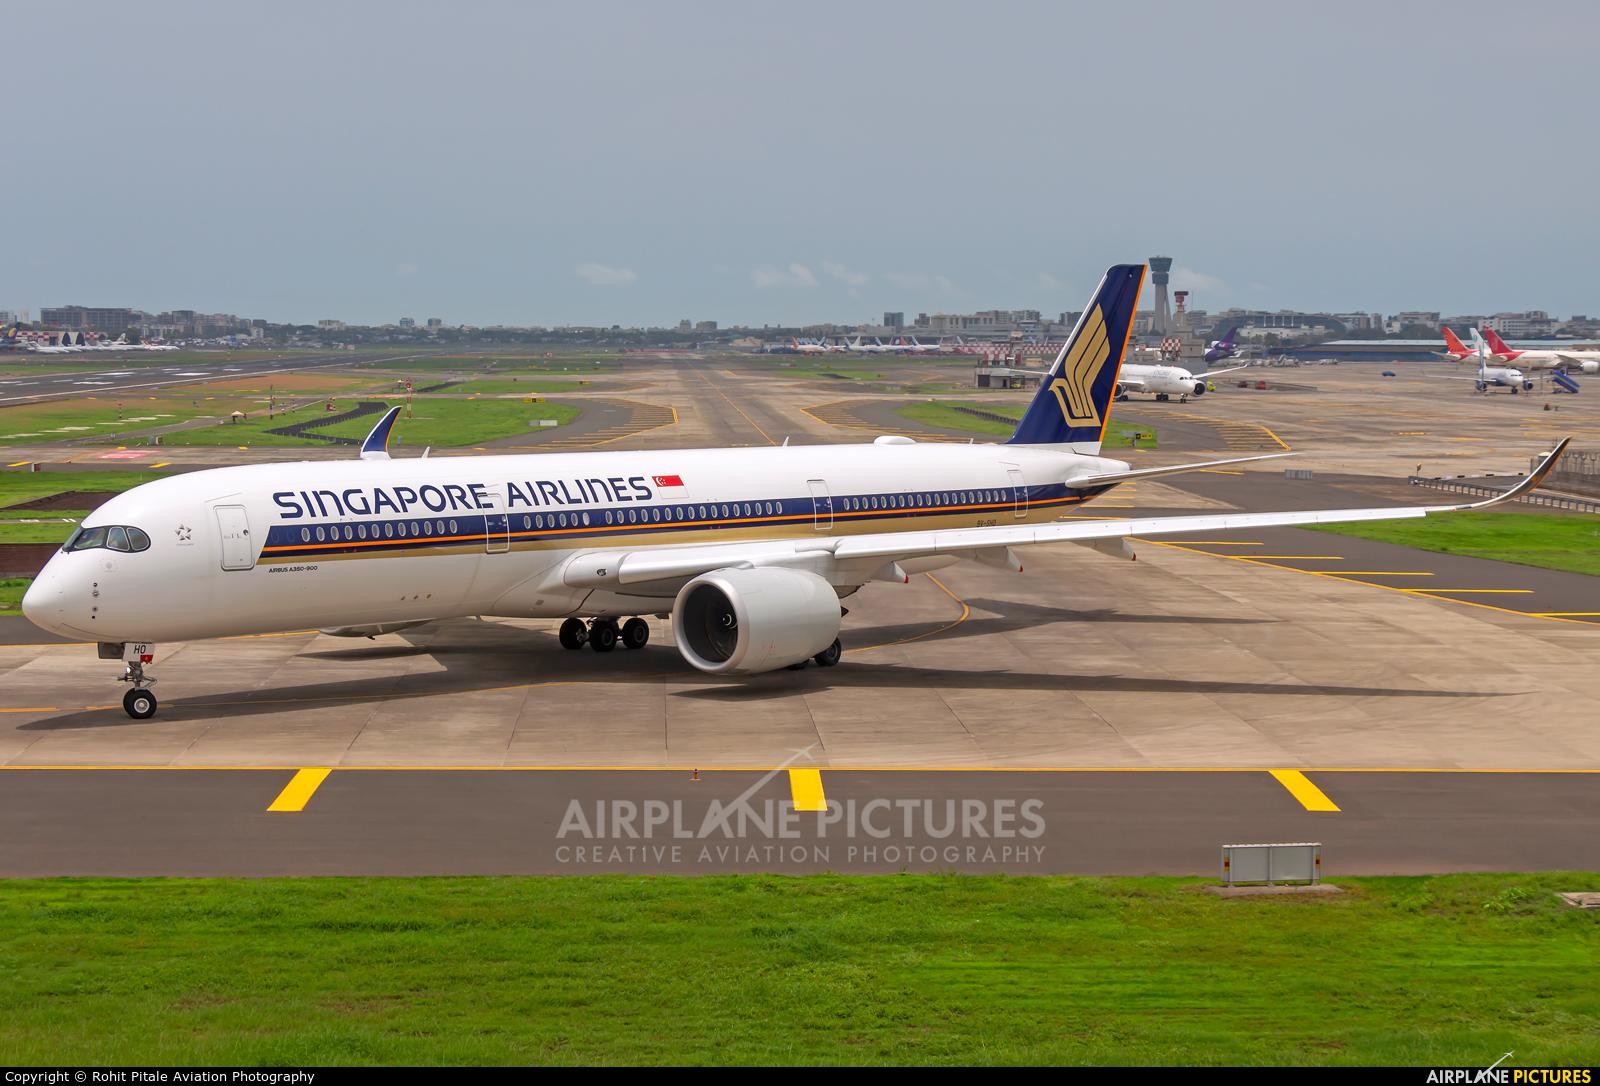 Singapore Airlines 9V-SHO aircraft at Mumbai - Chhatrapati Shivaji Intl